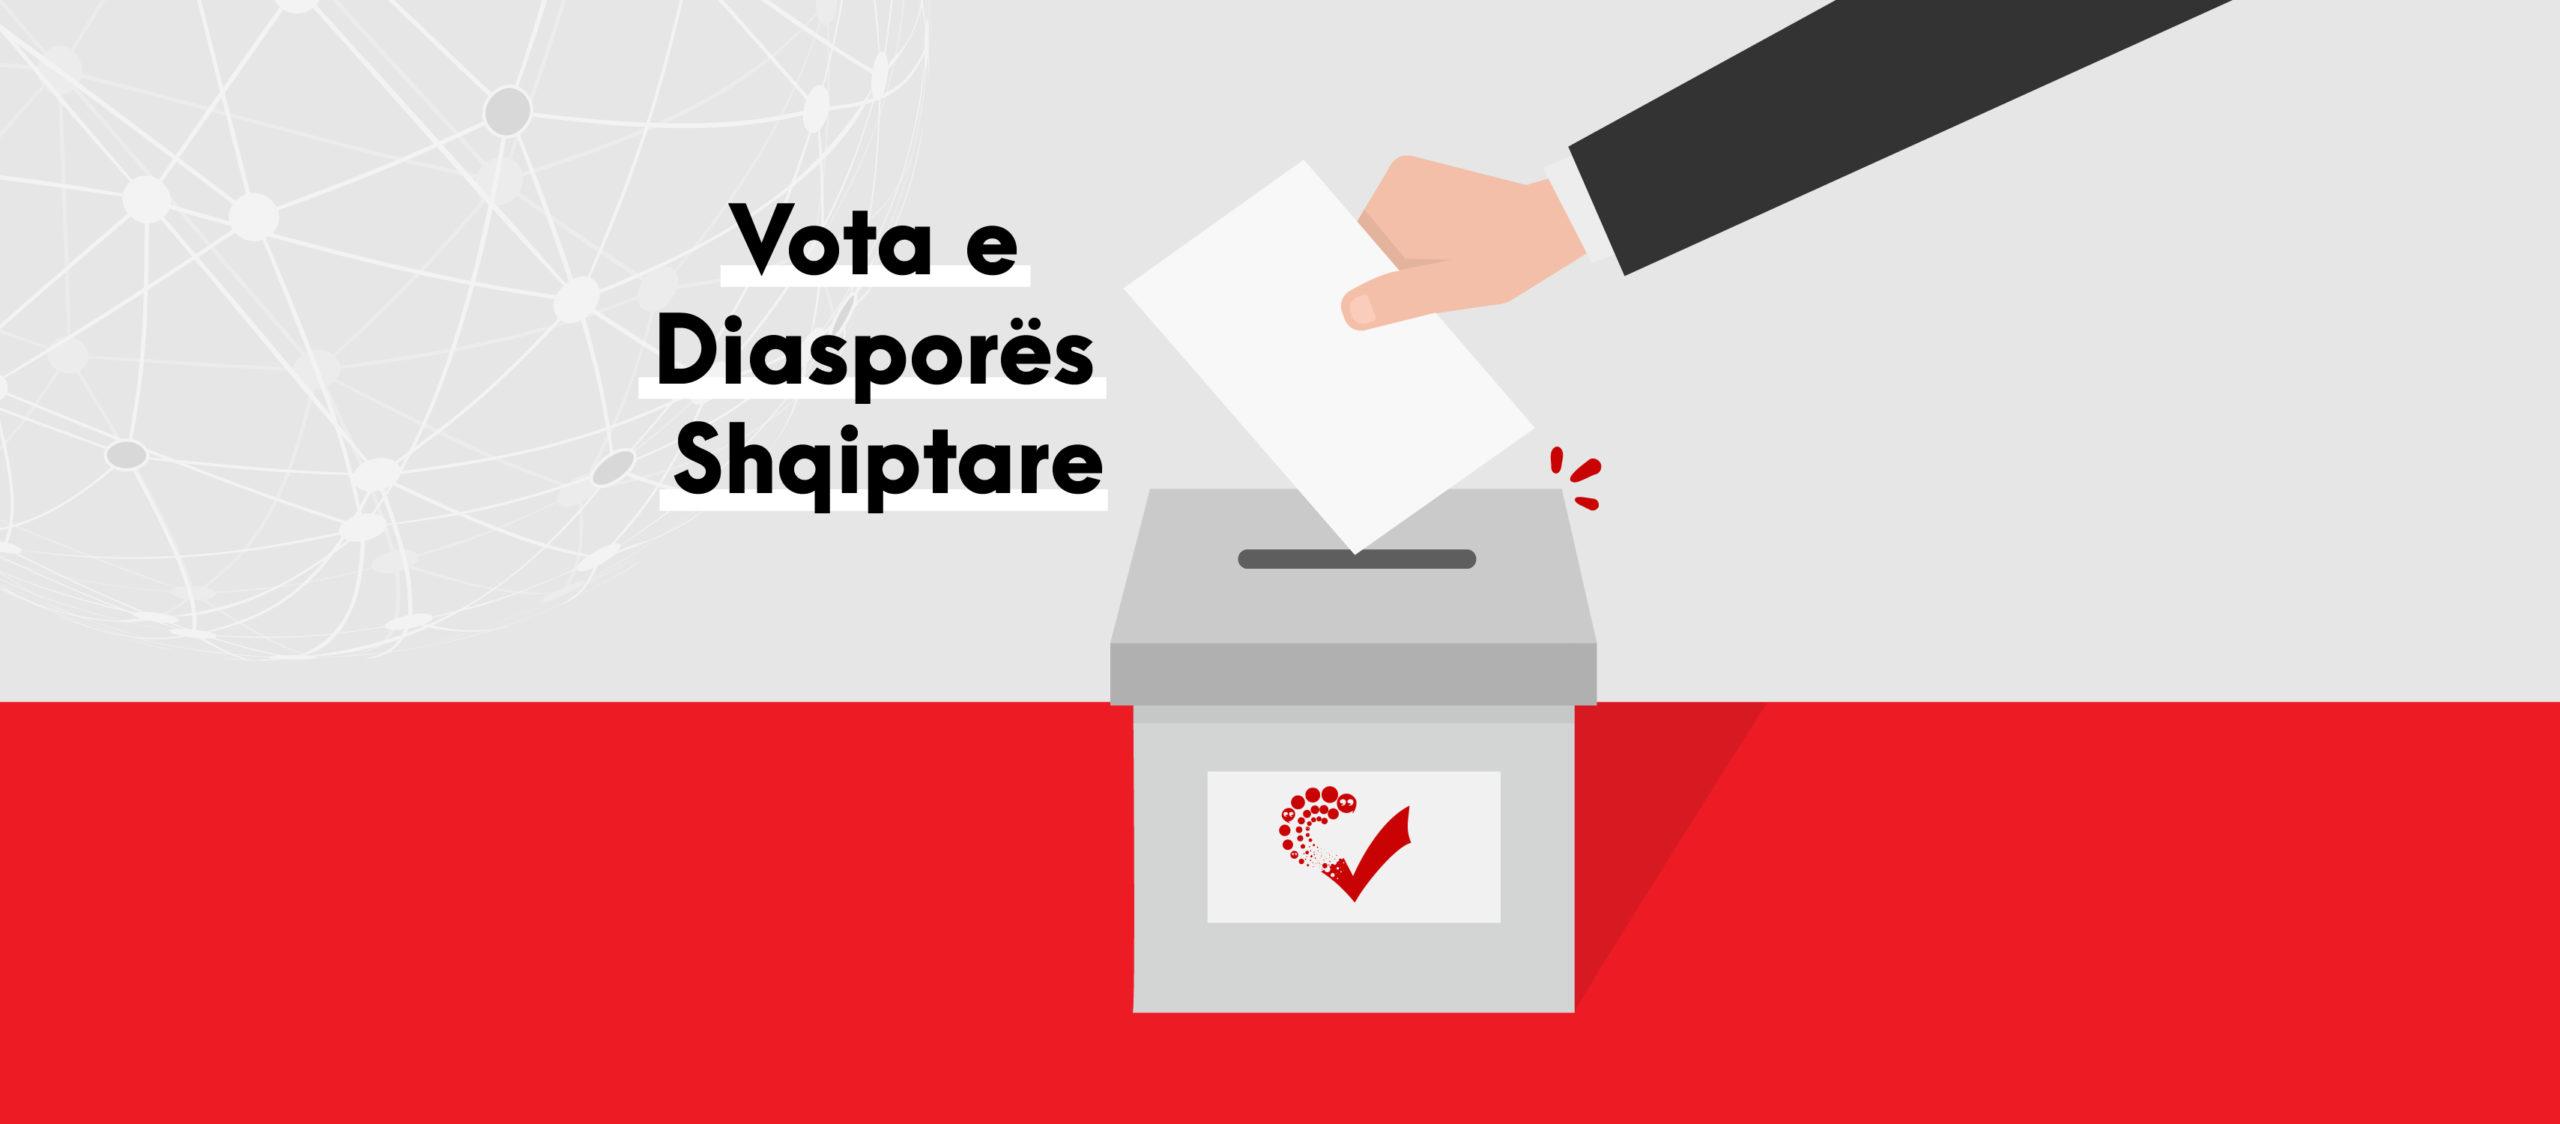 A po neglizhohet rëndësia e votës së diasporës?